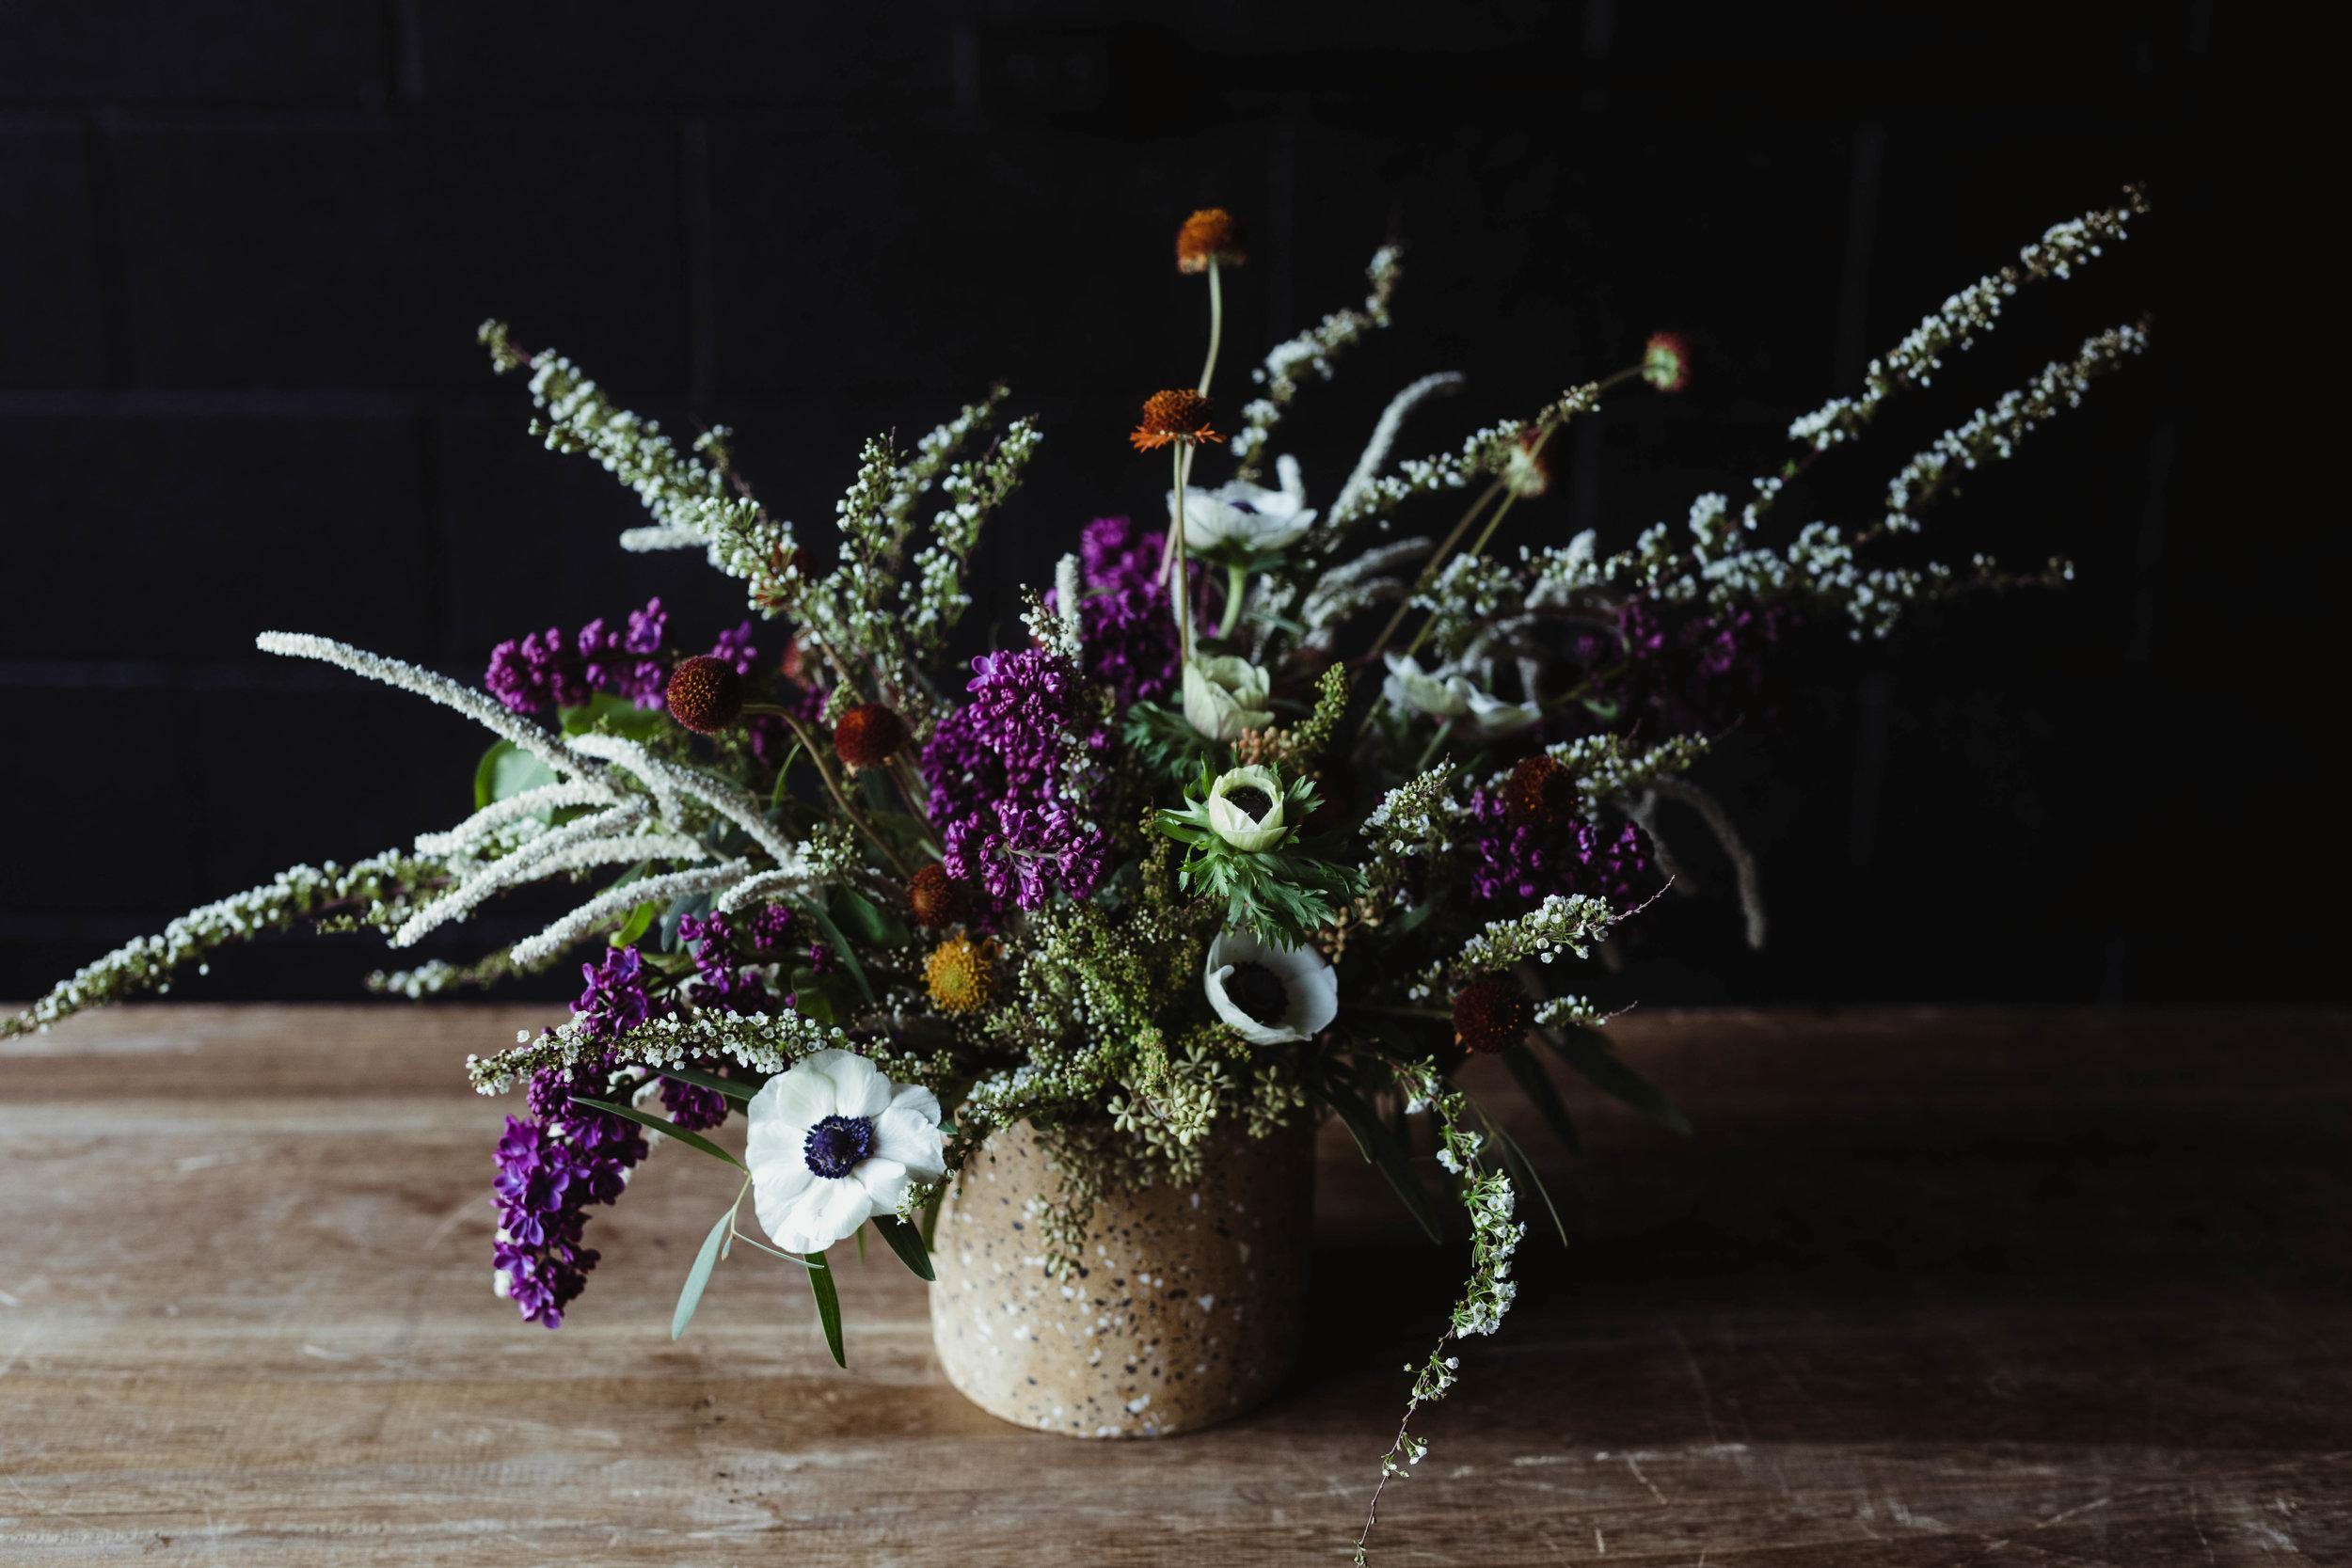 maymay-floralarrangement-2.jpg